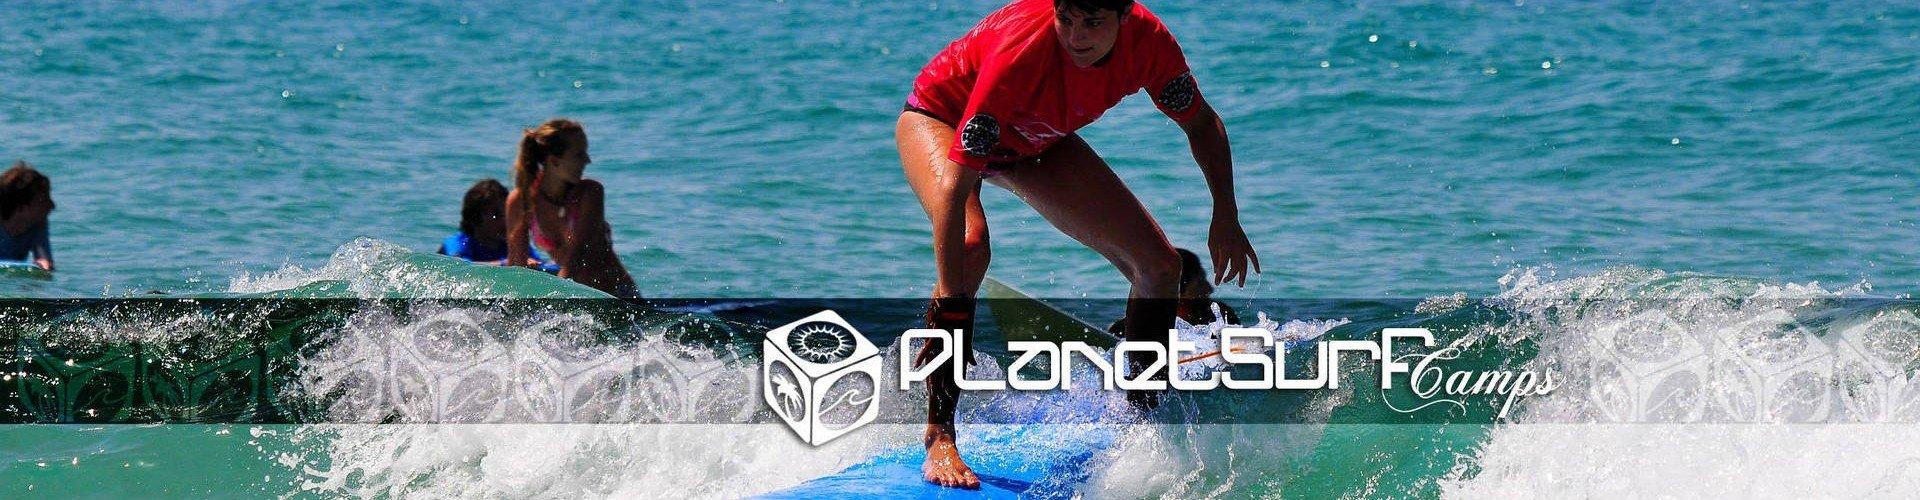 junior surfeando una ola soleada en Europa